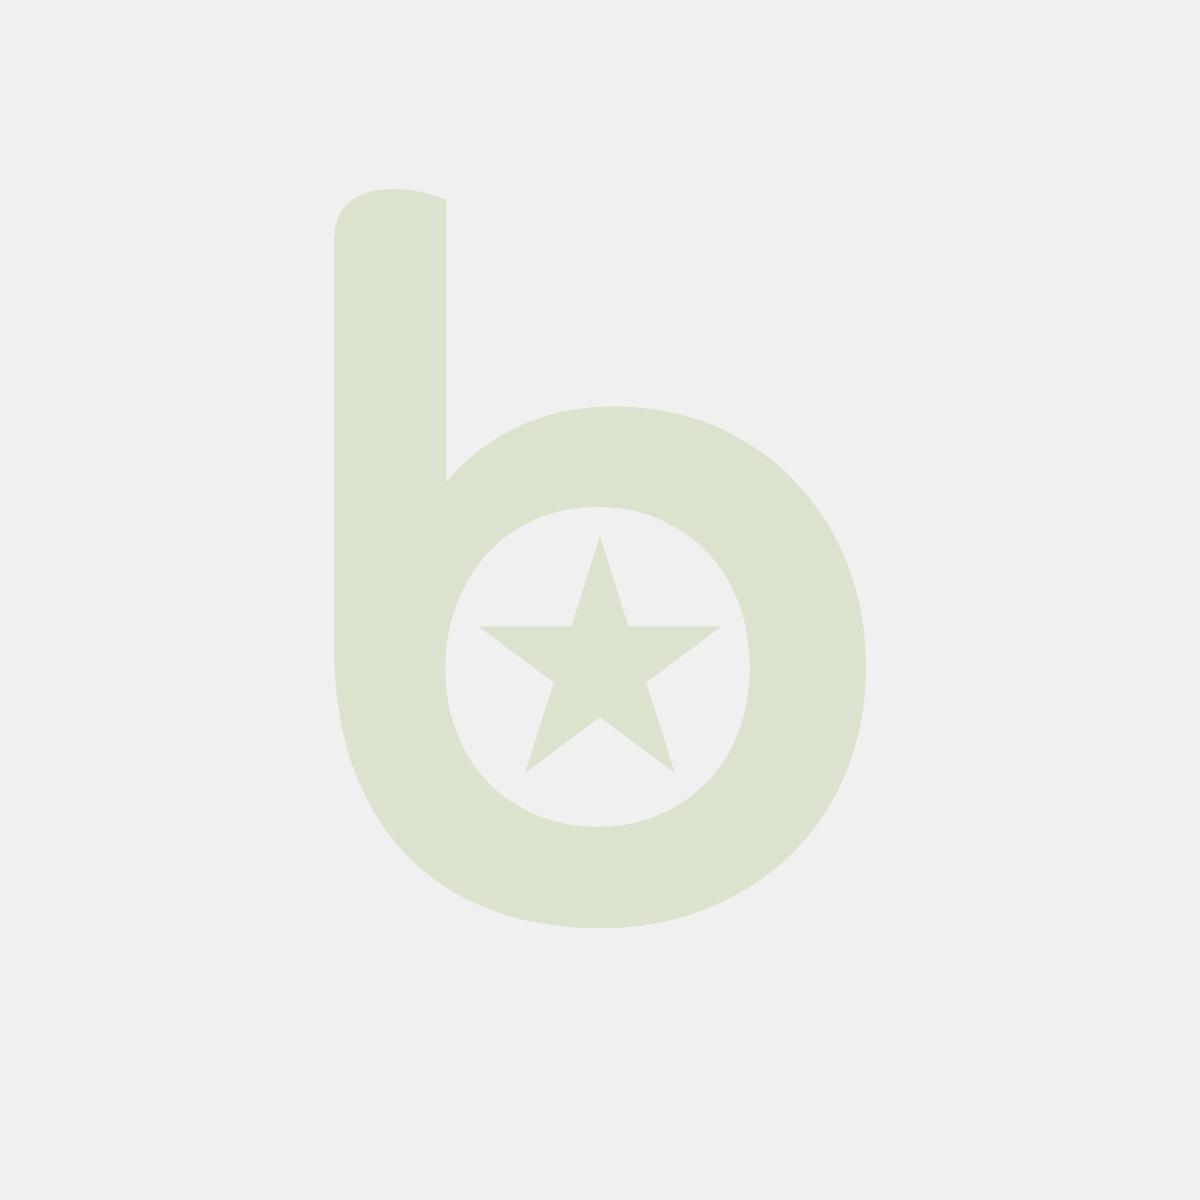 Miseczka okrągła bicolor śr.22.8xh.8.3cm żółto/biała melamina